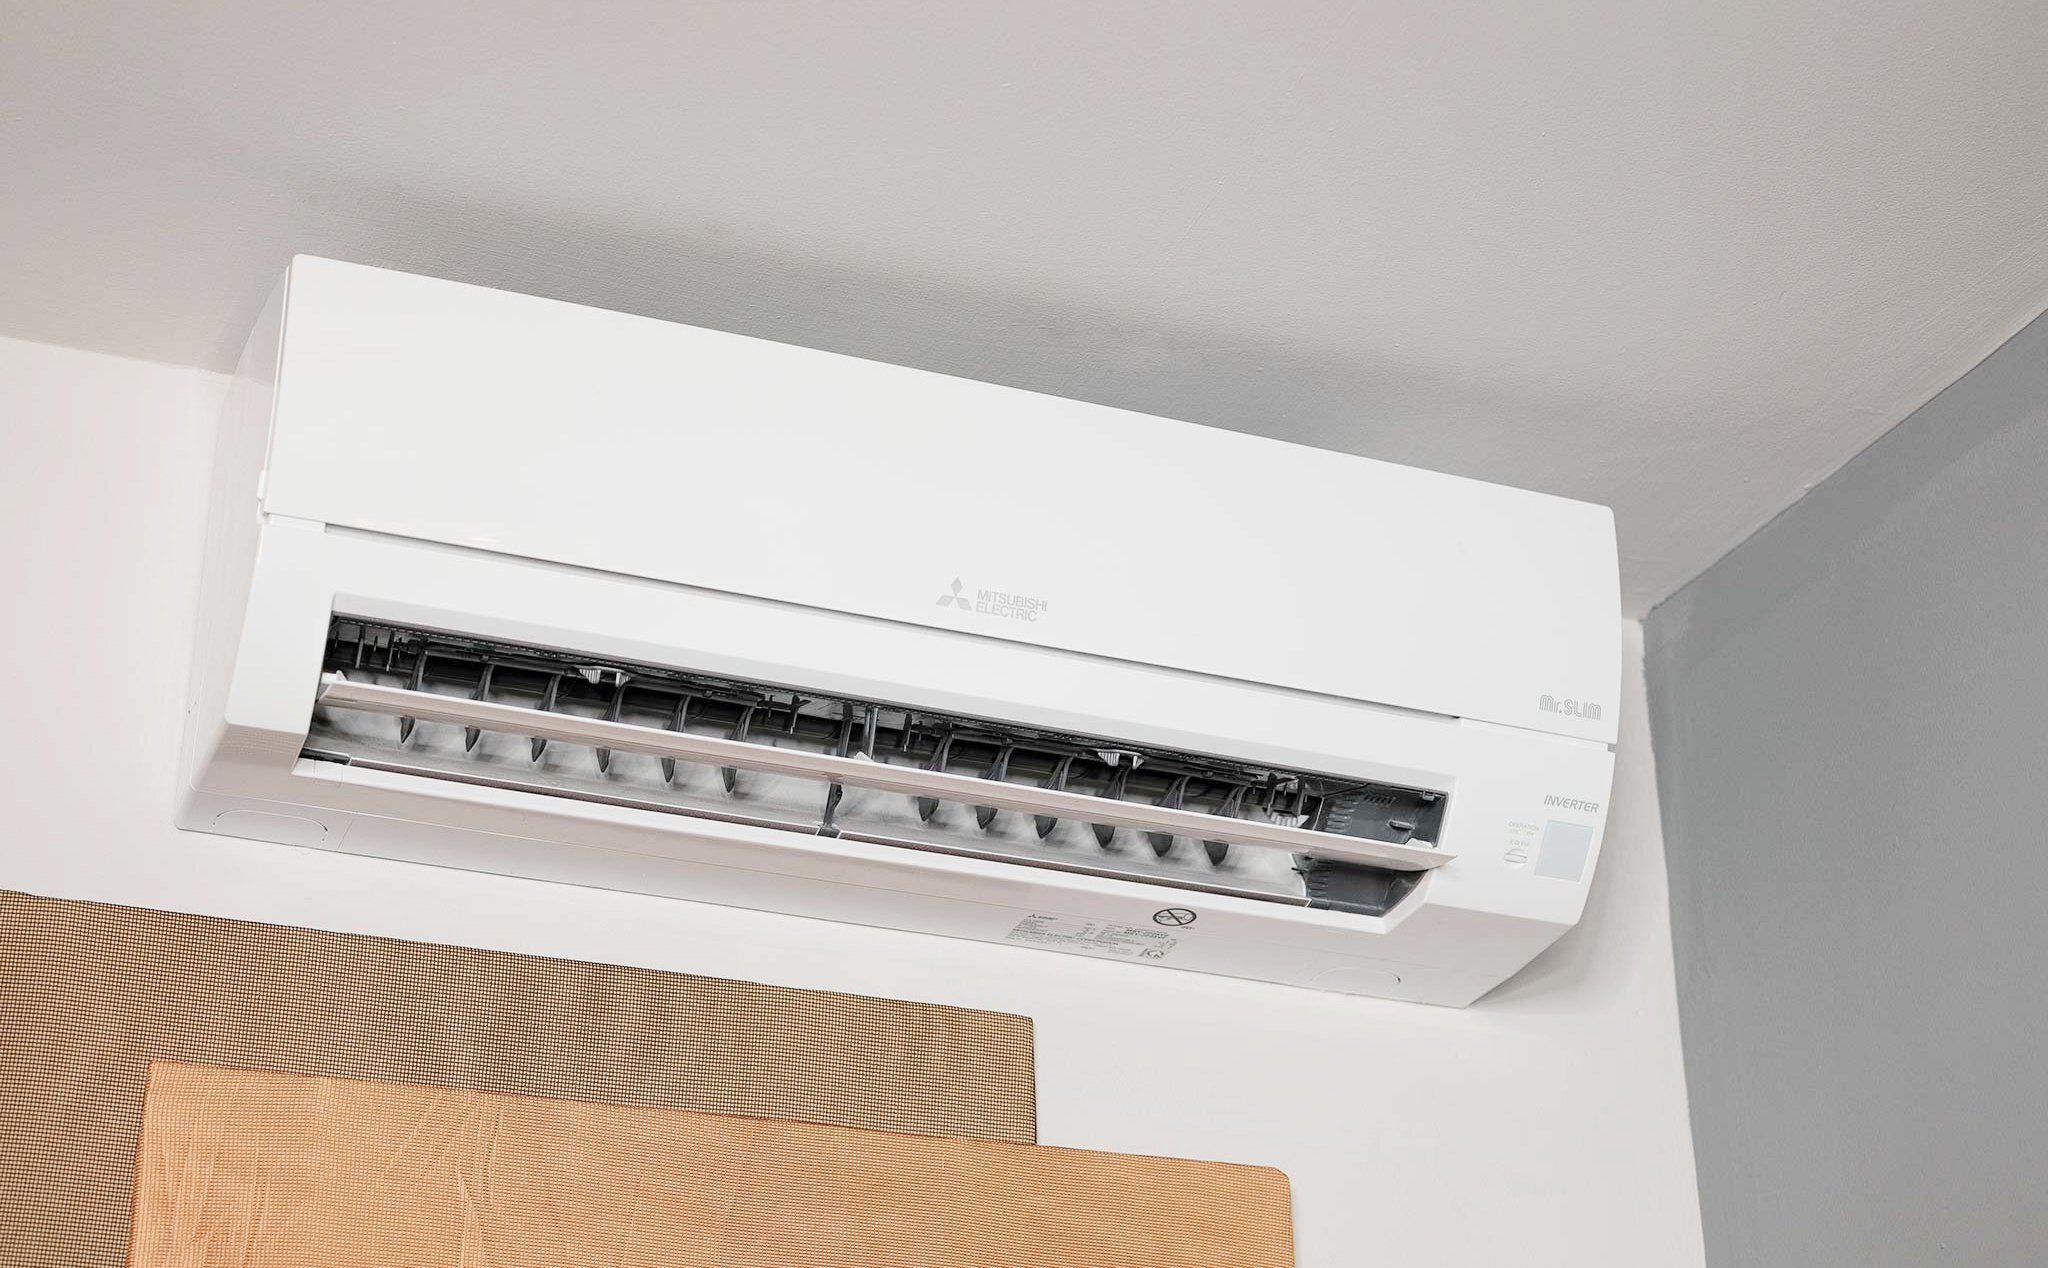 Việc mở máy lạnh suốt đêm sẽ mang lại nhiều hậu quả khó lường cho người dùng